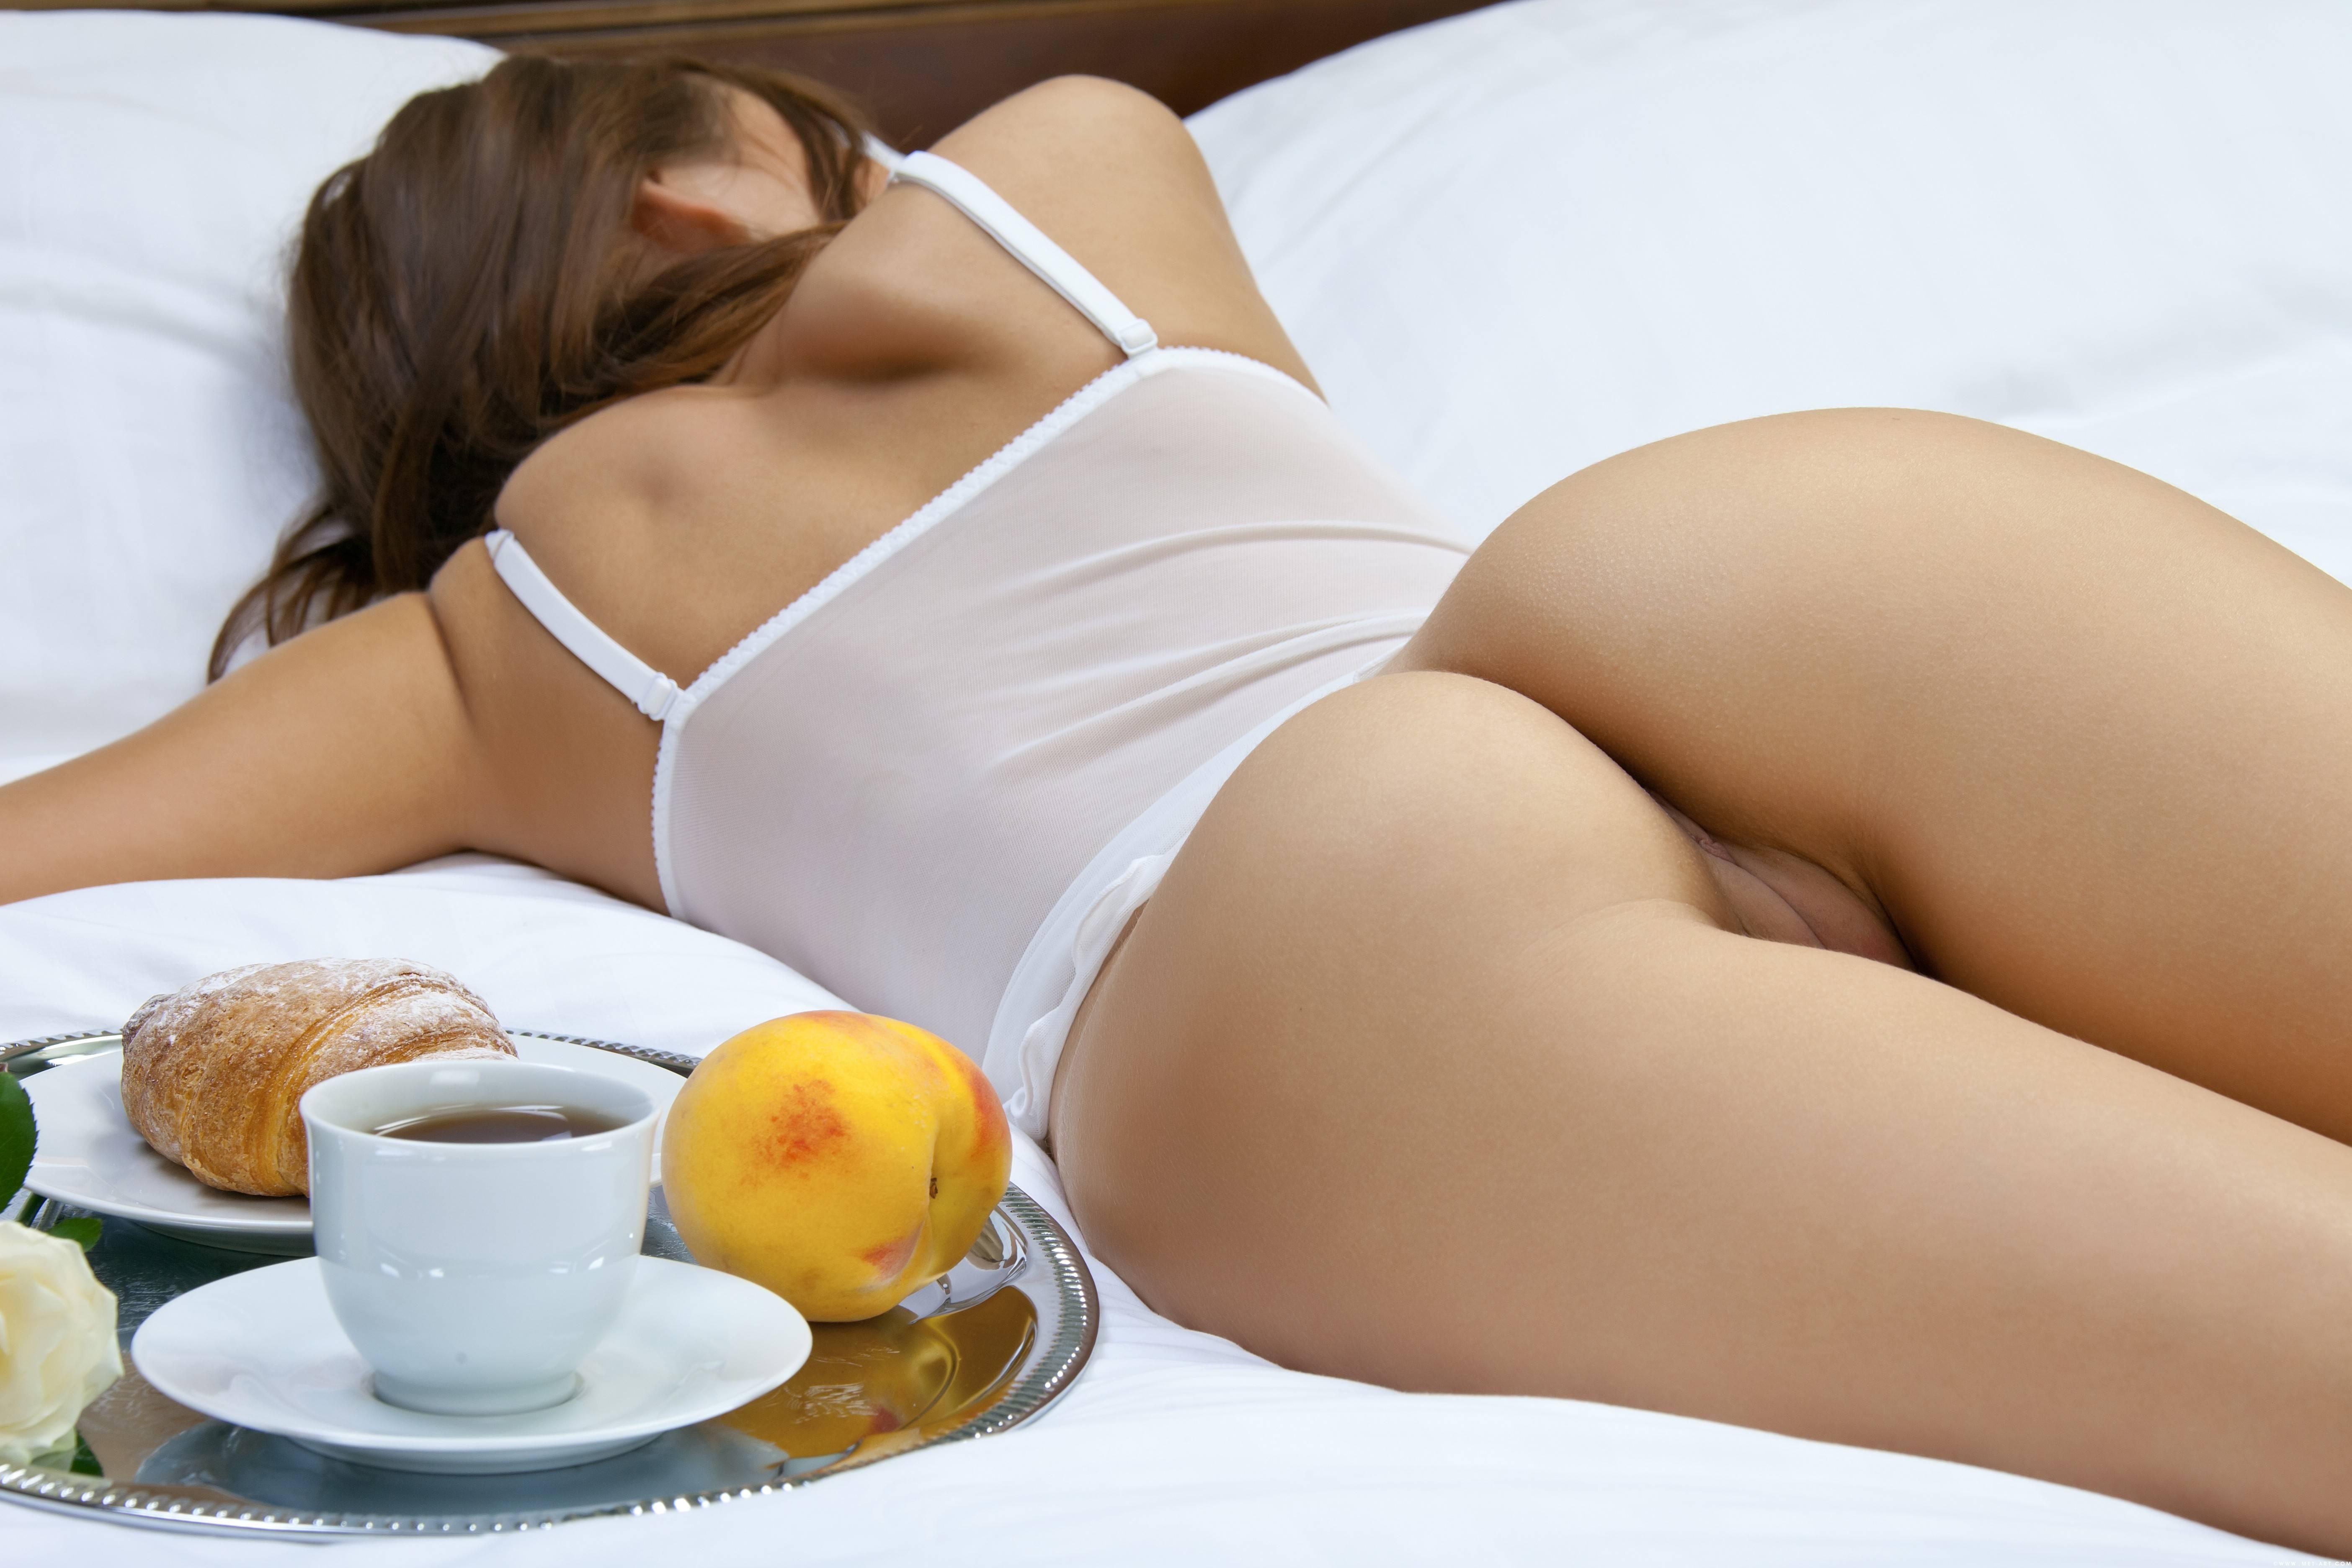 Завтрак в постель порно, огурцы в пиздах